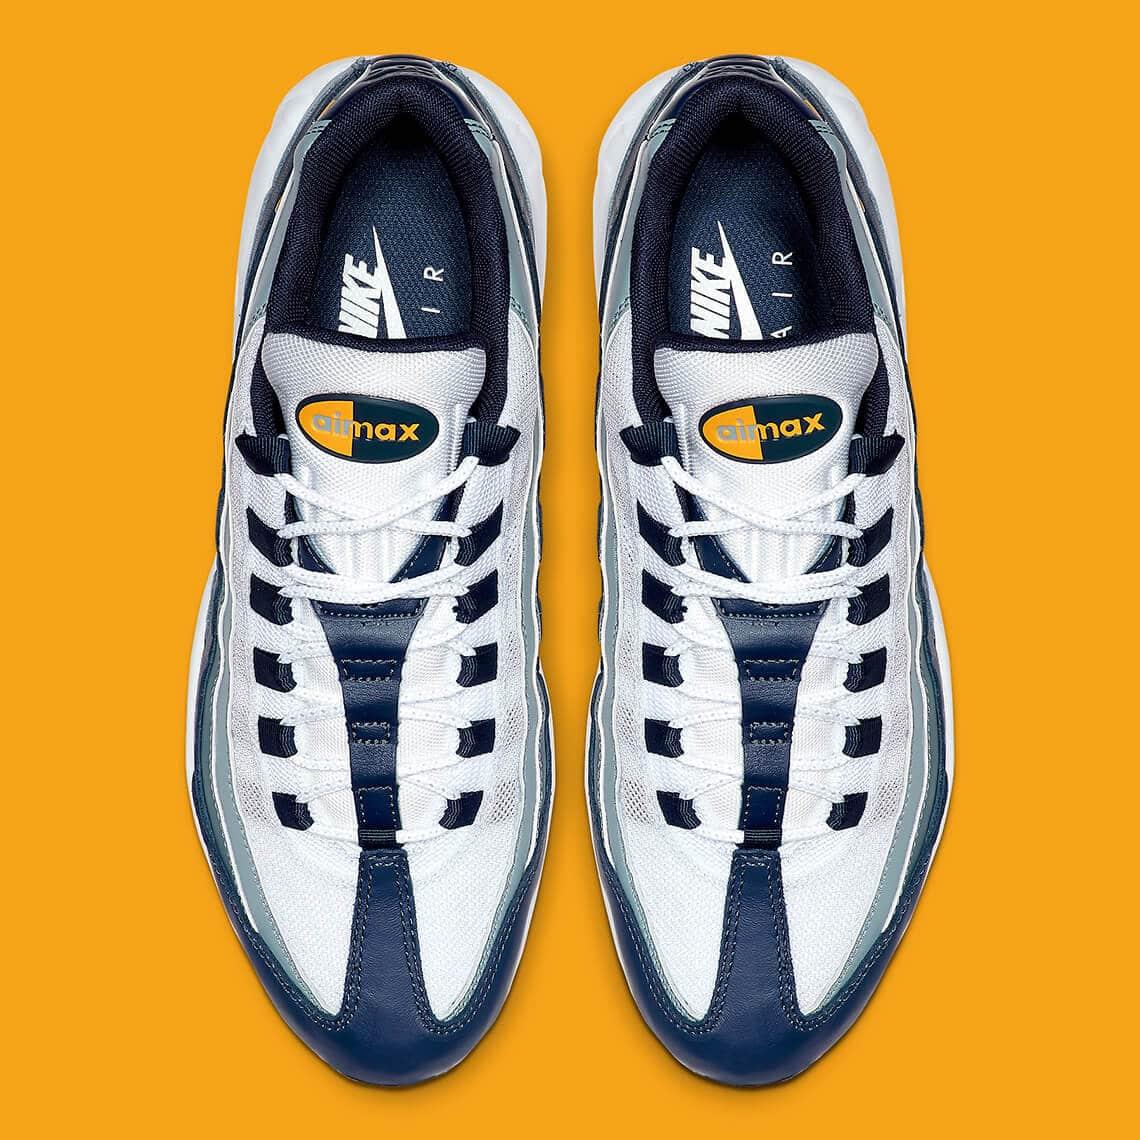 nike air max 95 navy orange aj2018 401 5